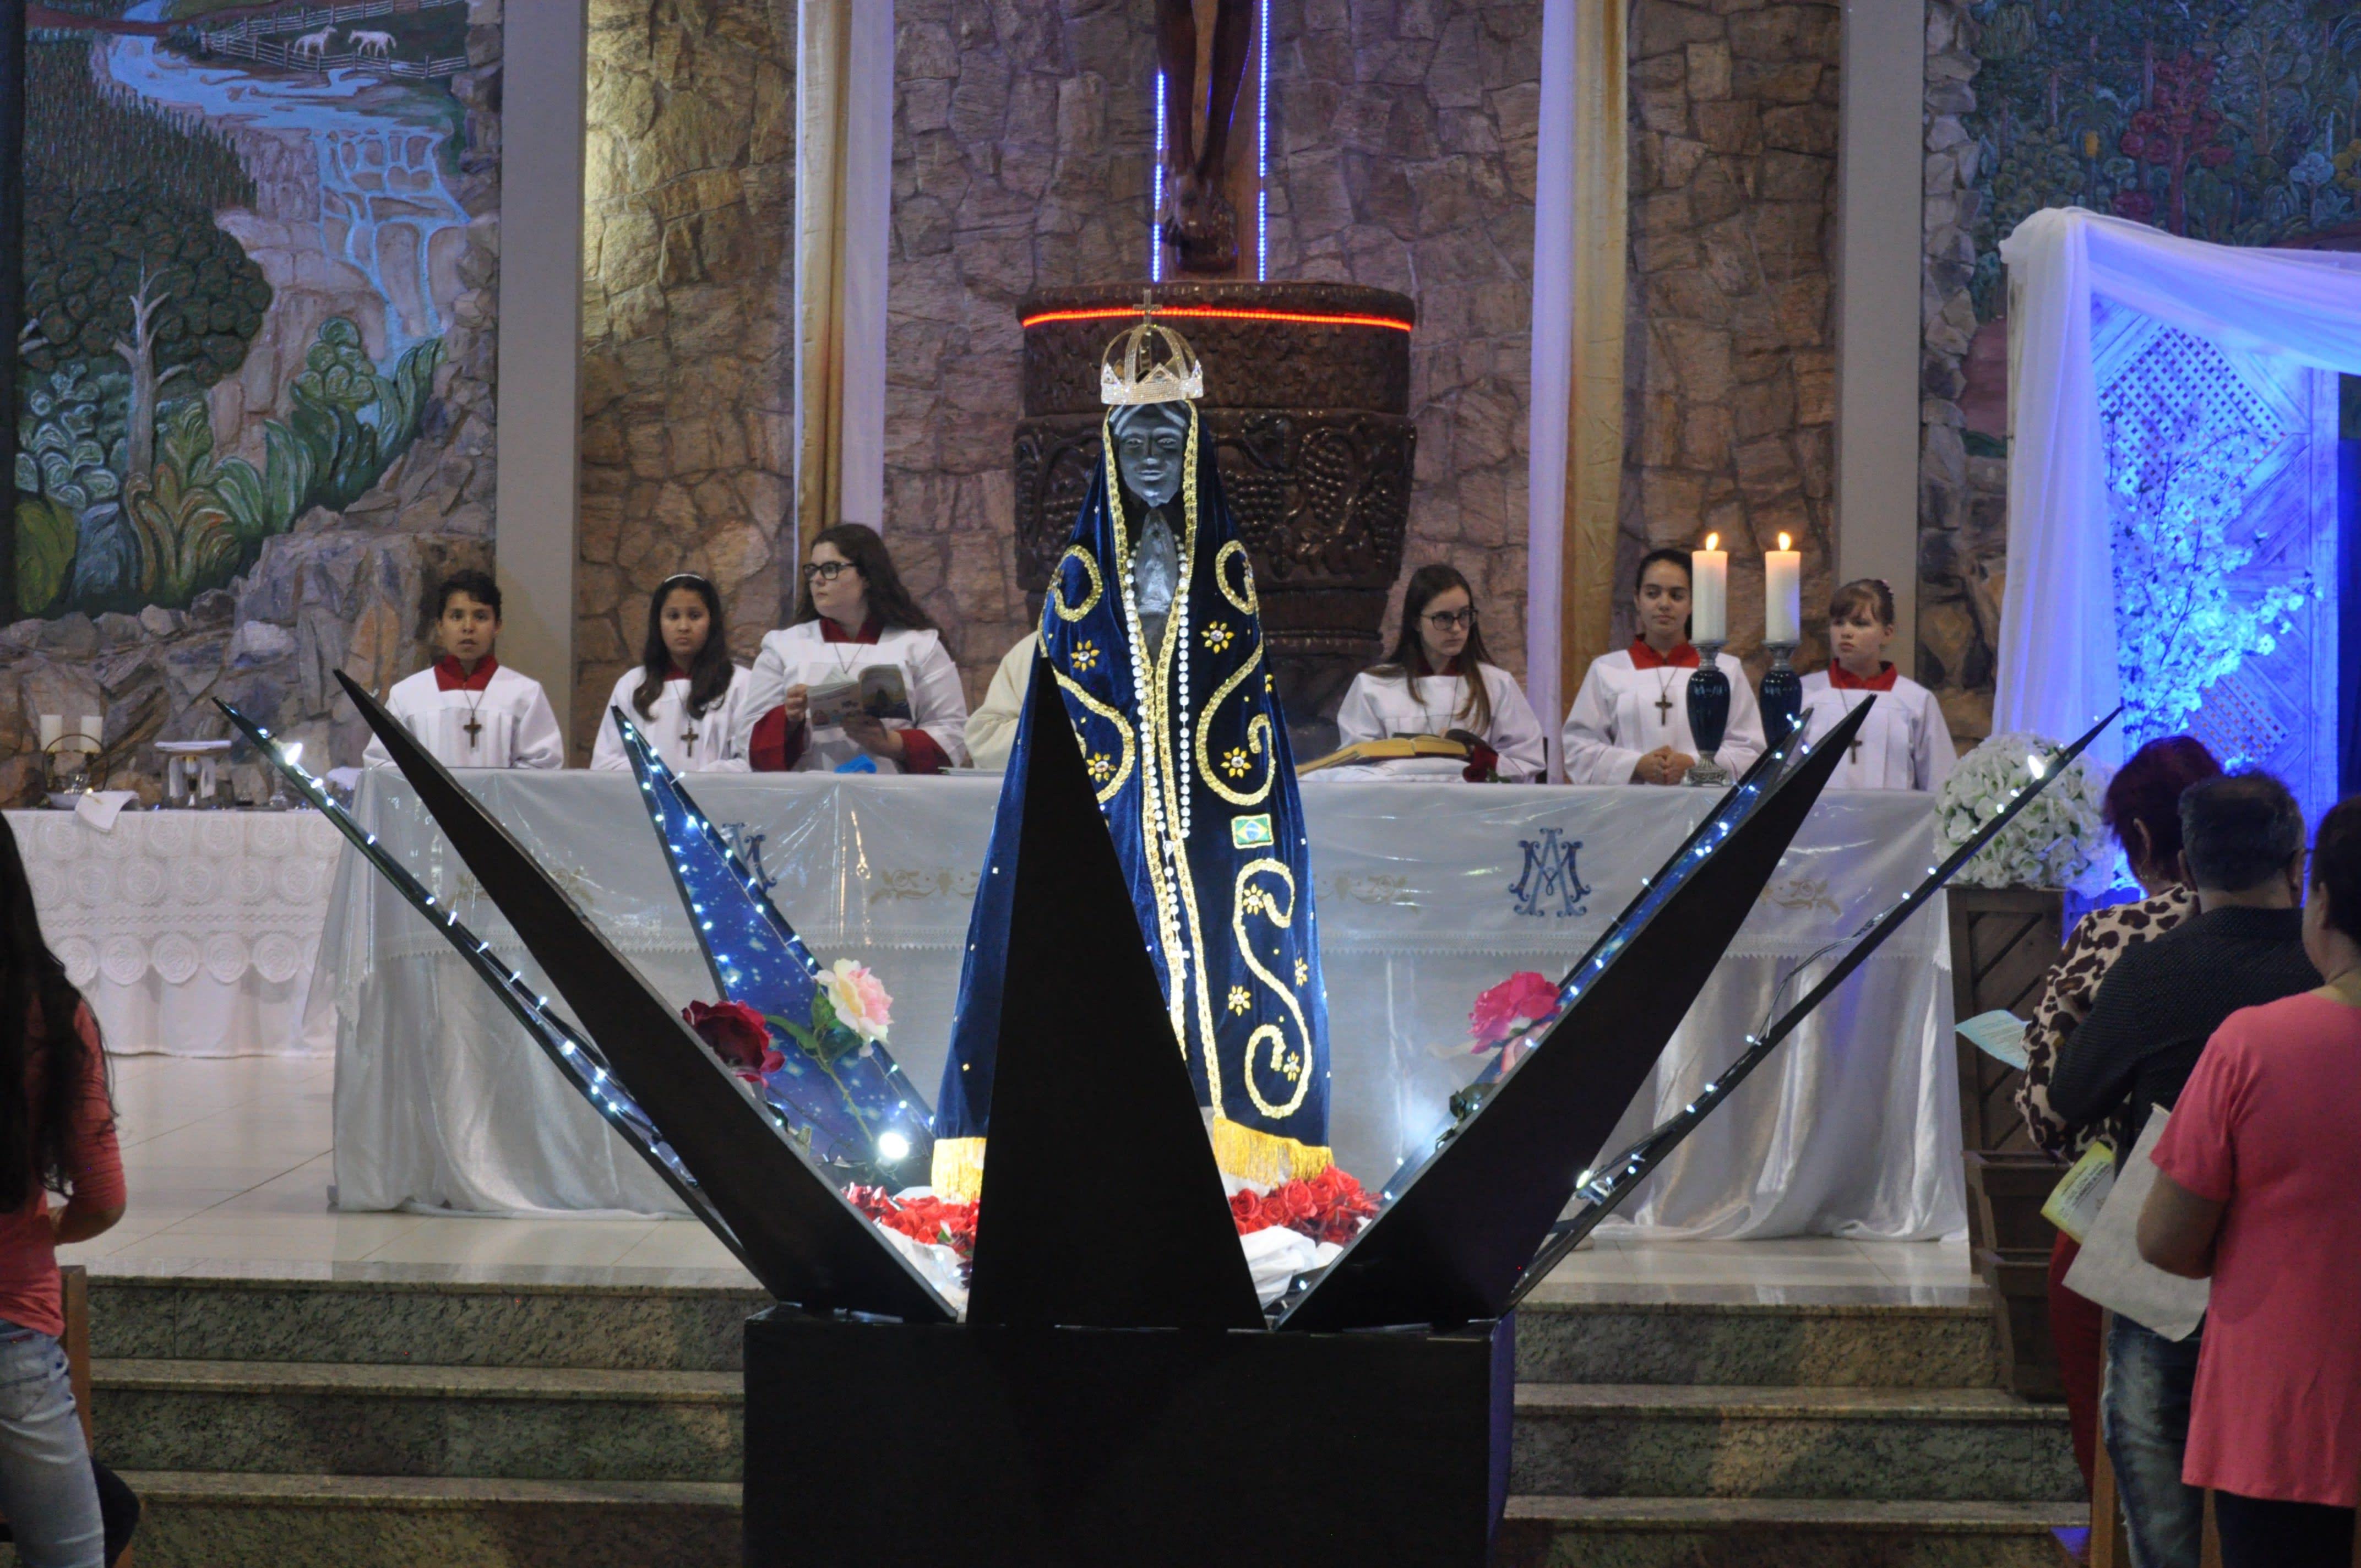 Missa do Envio abre a programação religiosa da 35ª Festa em Louvor a Nossa Senhora Aparecida na noite desta quarta (30)